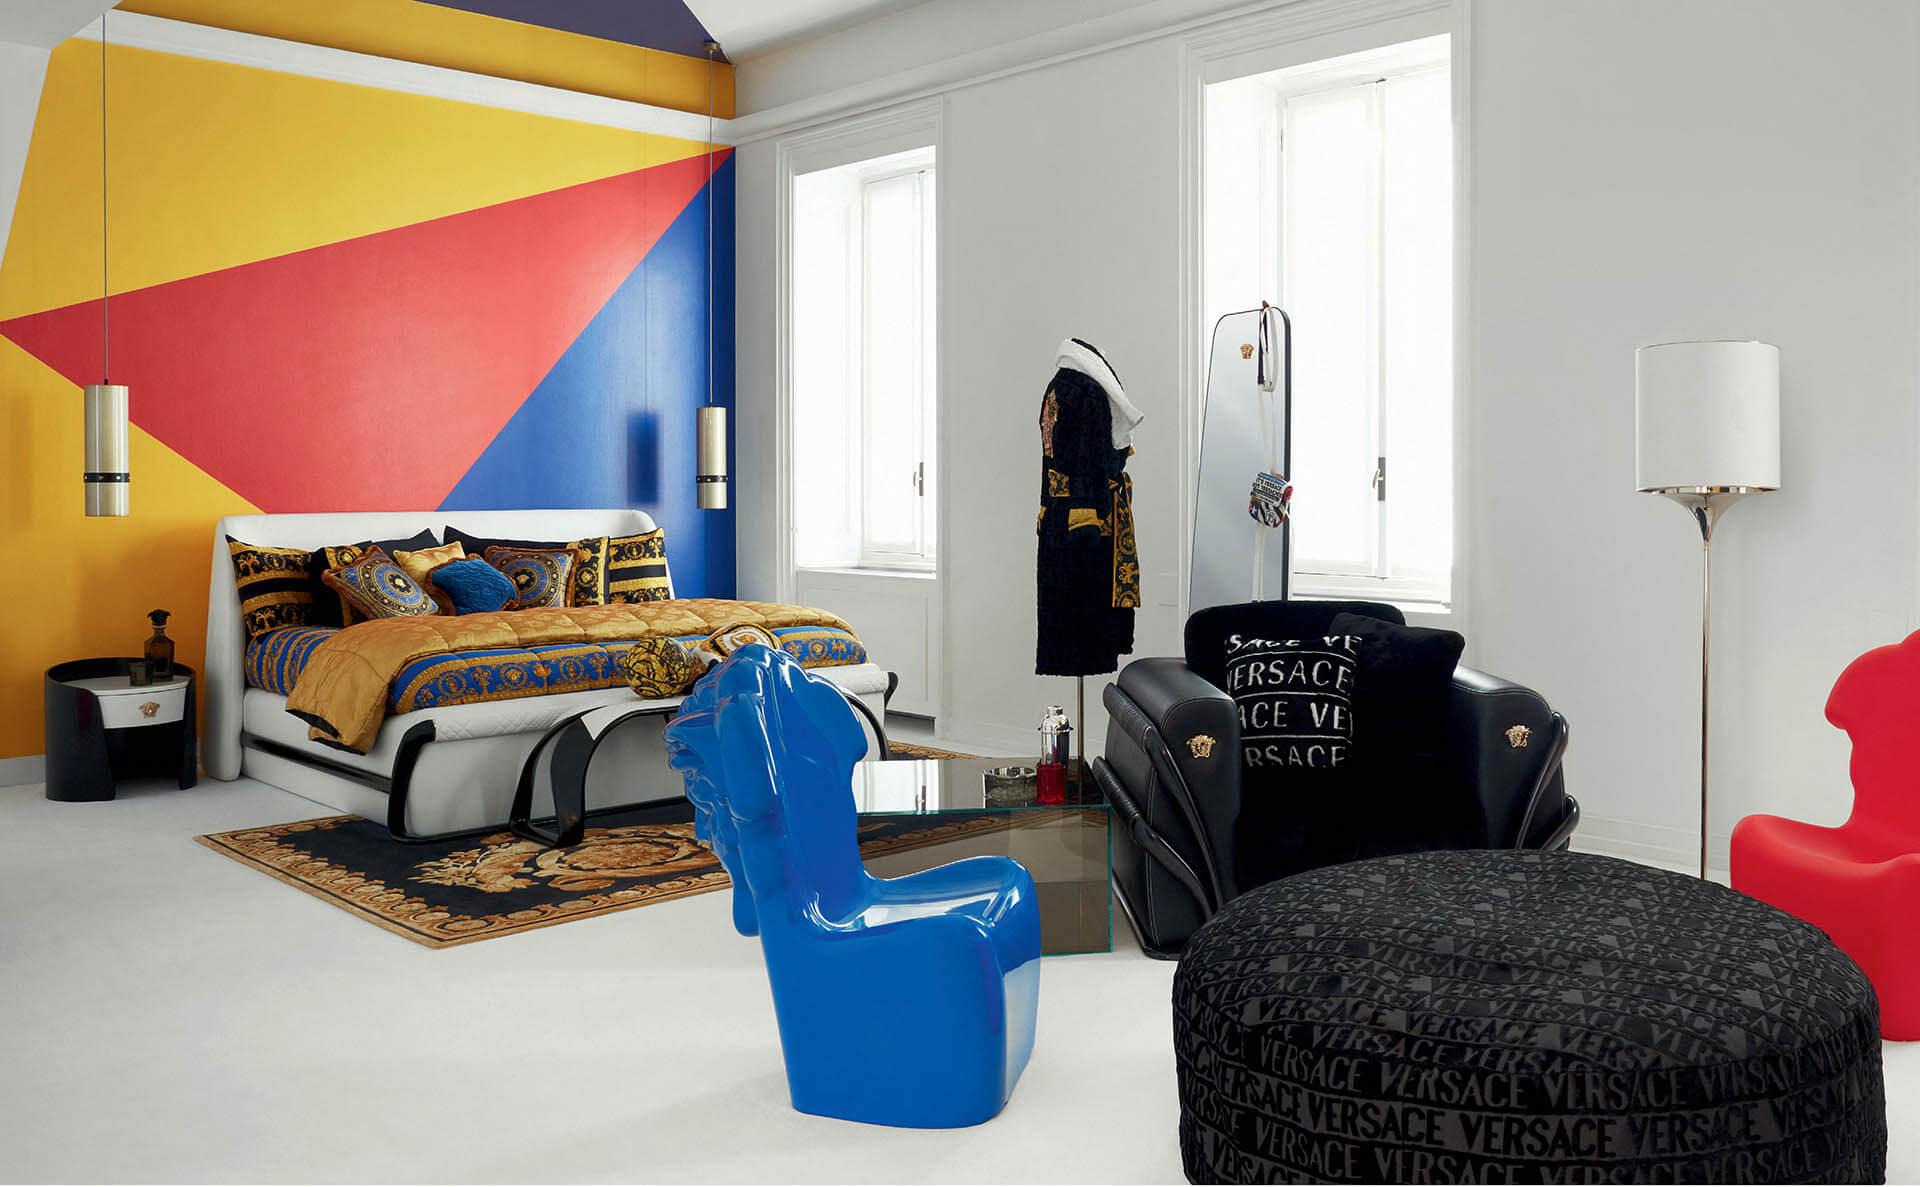 義大利頂級家具品牌 Versace Home 主臥室家具搭配